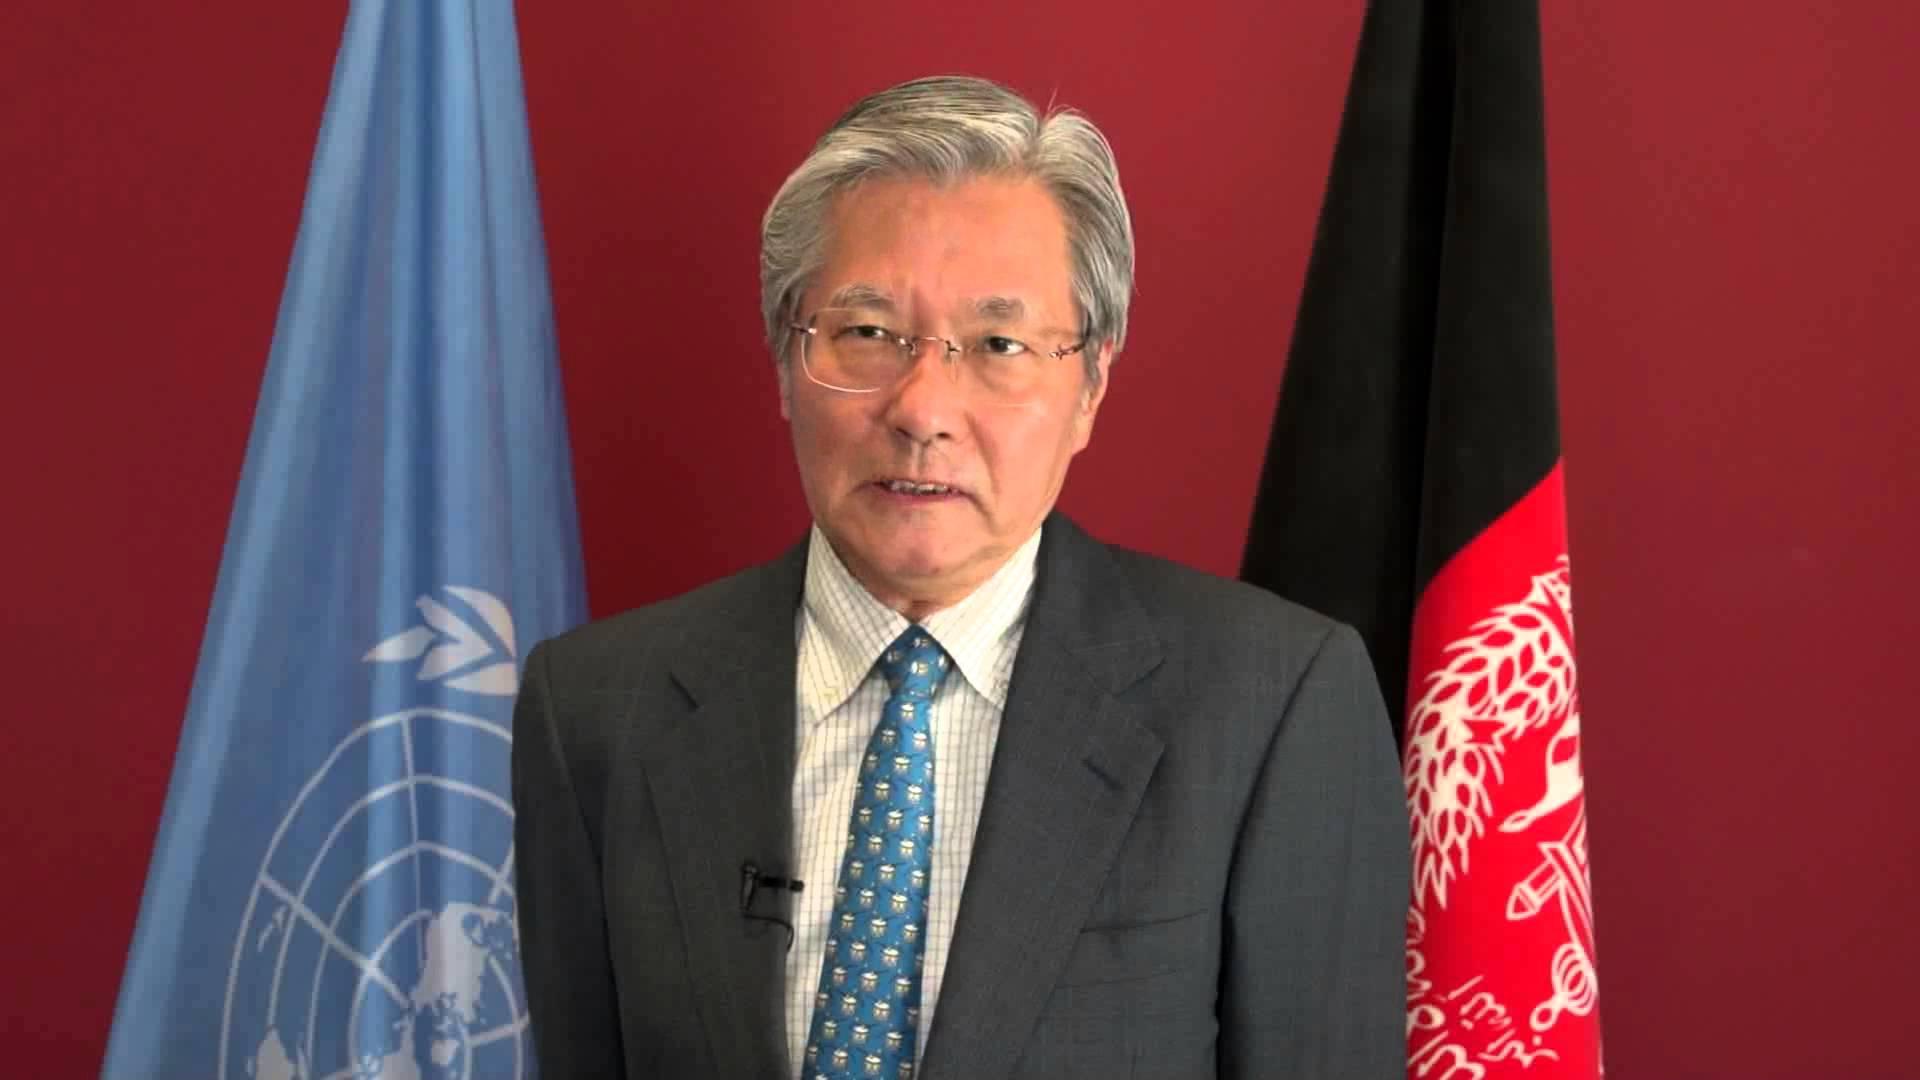 استقبال سازمان ملل از تلاش های دولت افغانستان برای مبارزه با فساد